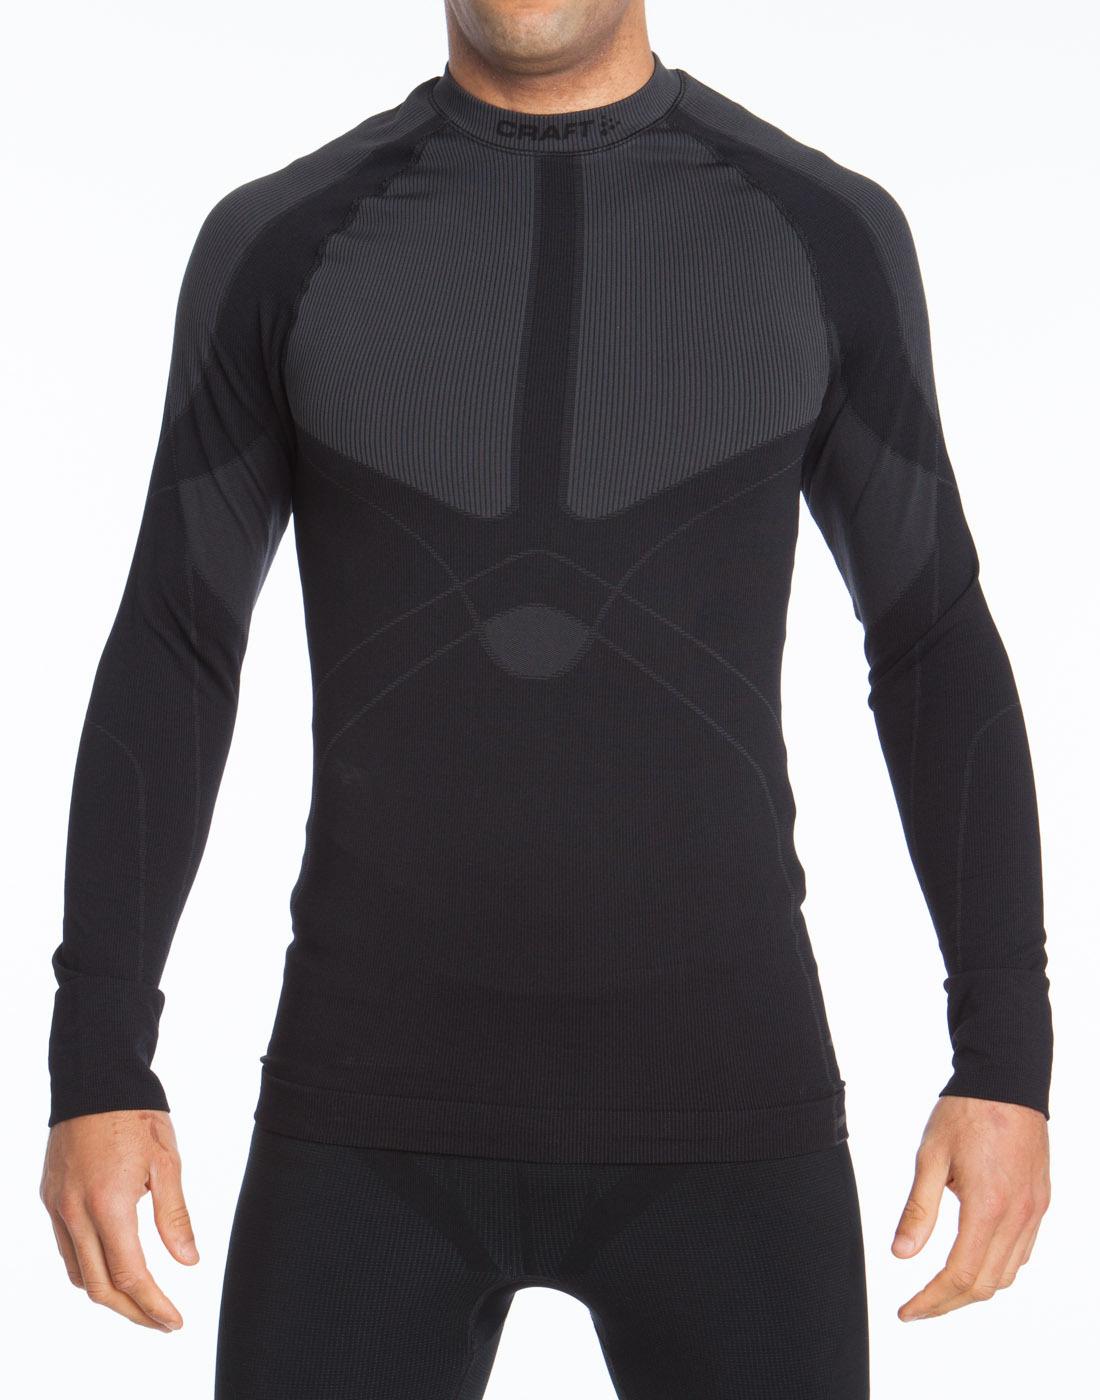 Мужская спортивная рубашка Craft Warm (1901637-9980)